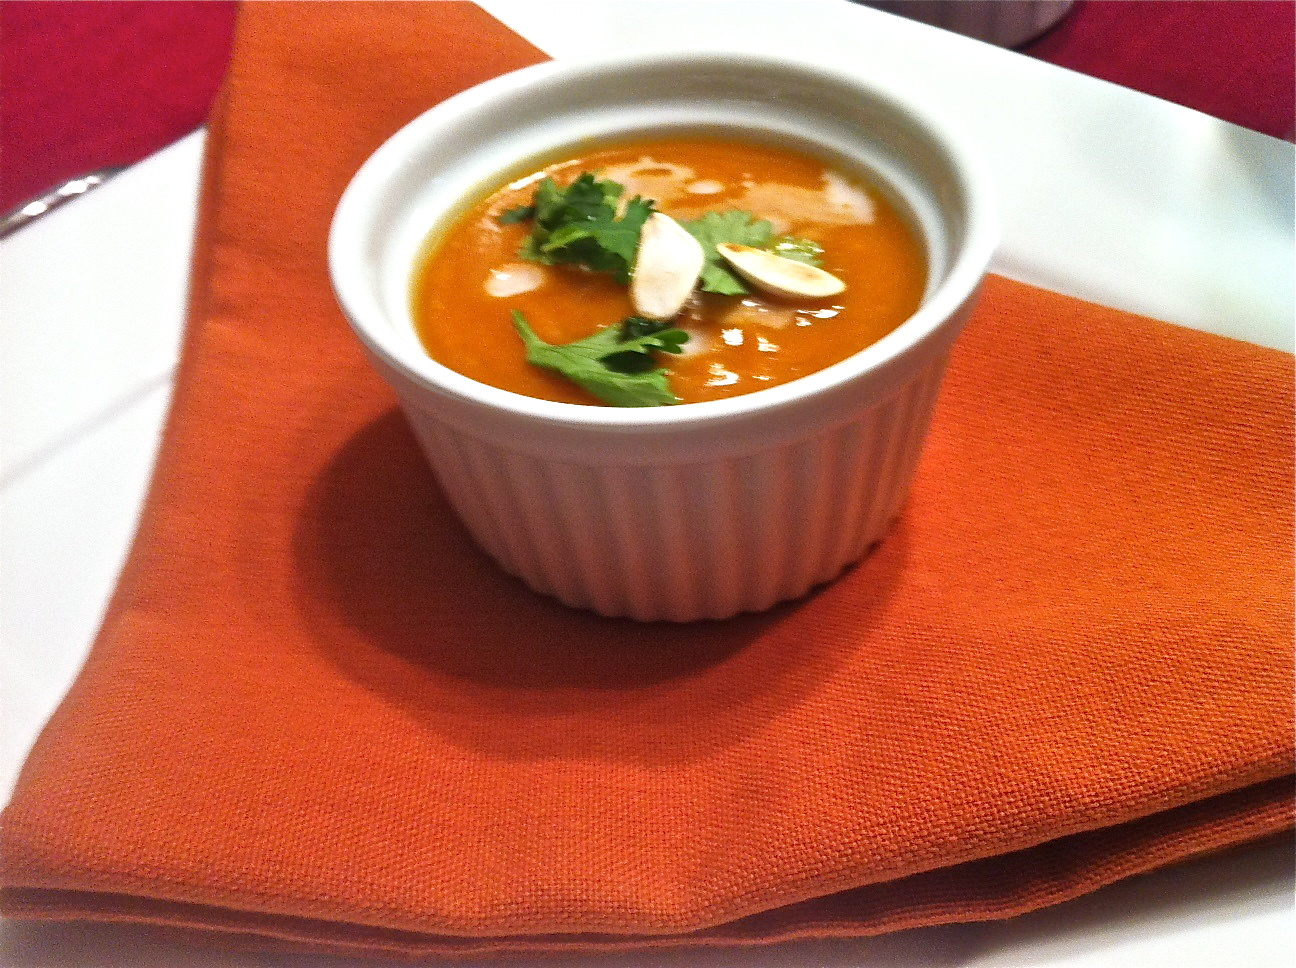 Only Soups: Chipotle Pumpkin Soup